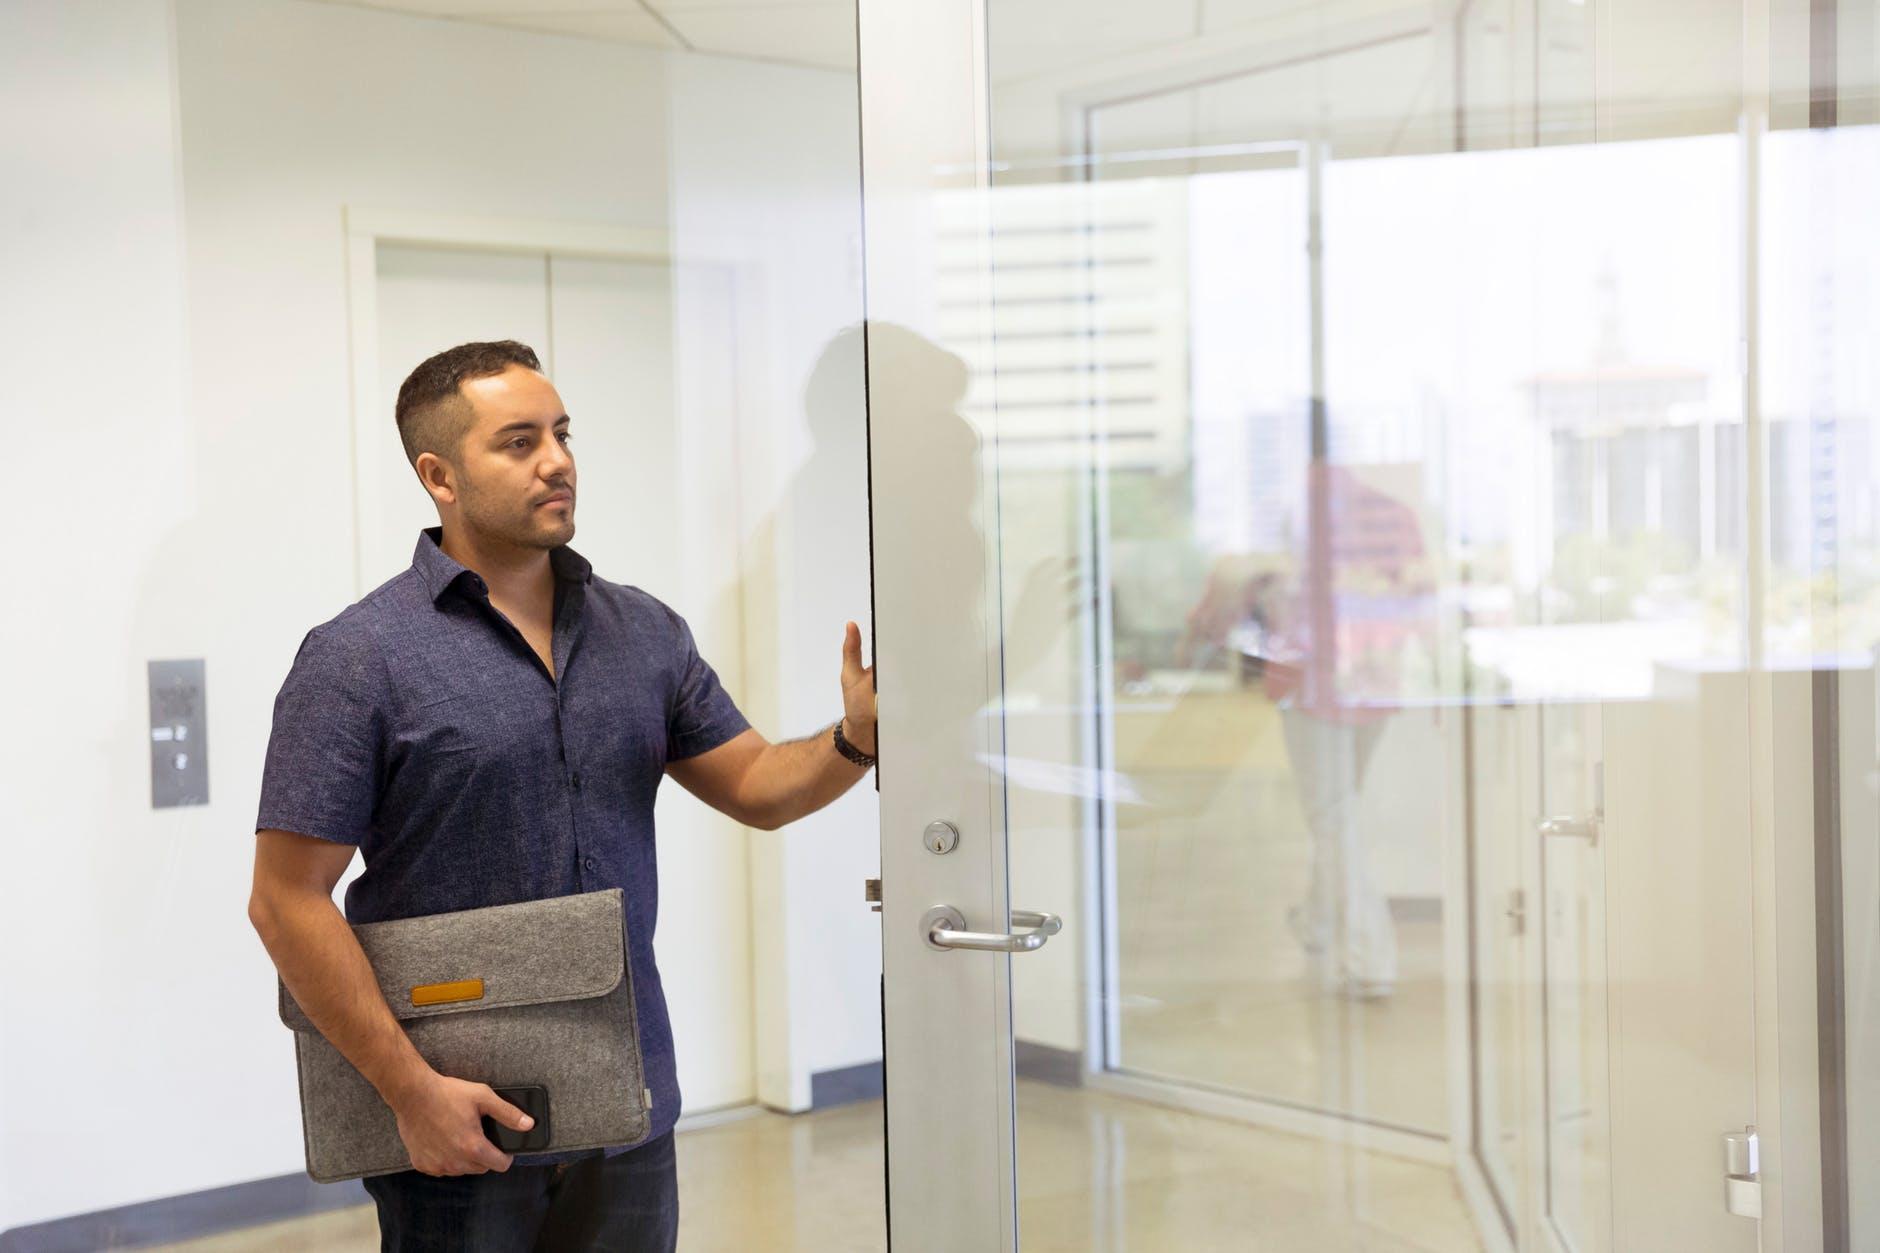 man standing next to glass door